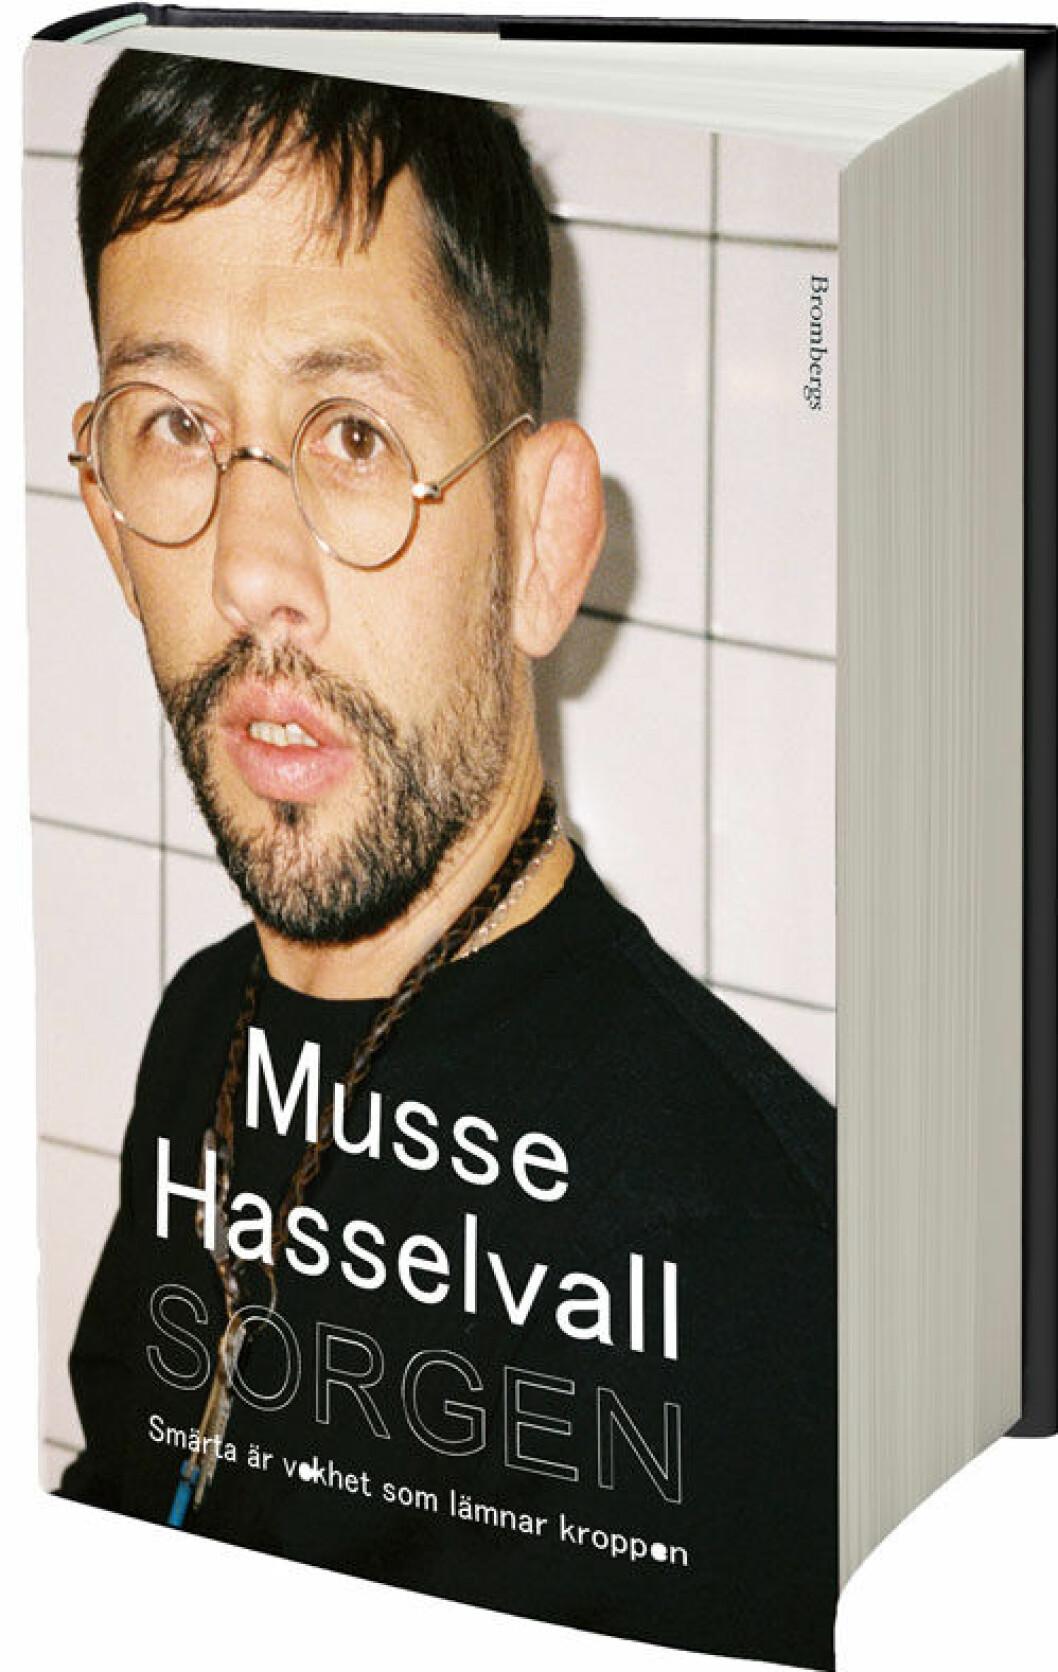 Musse Hasselvalls bok Sorgen.